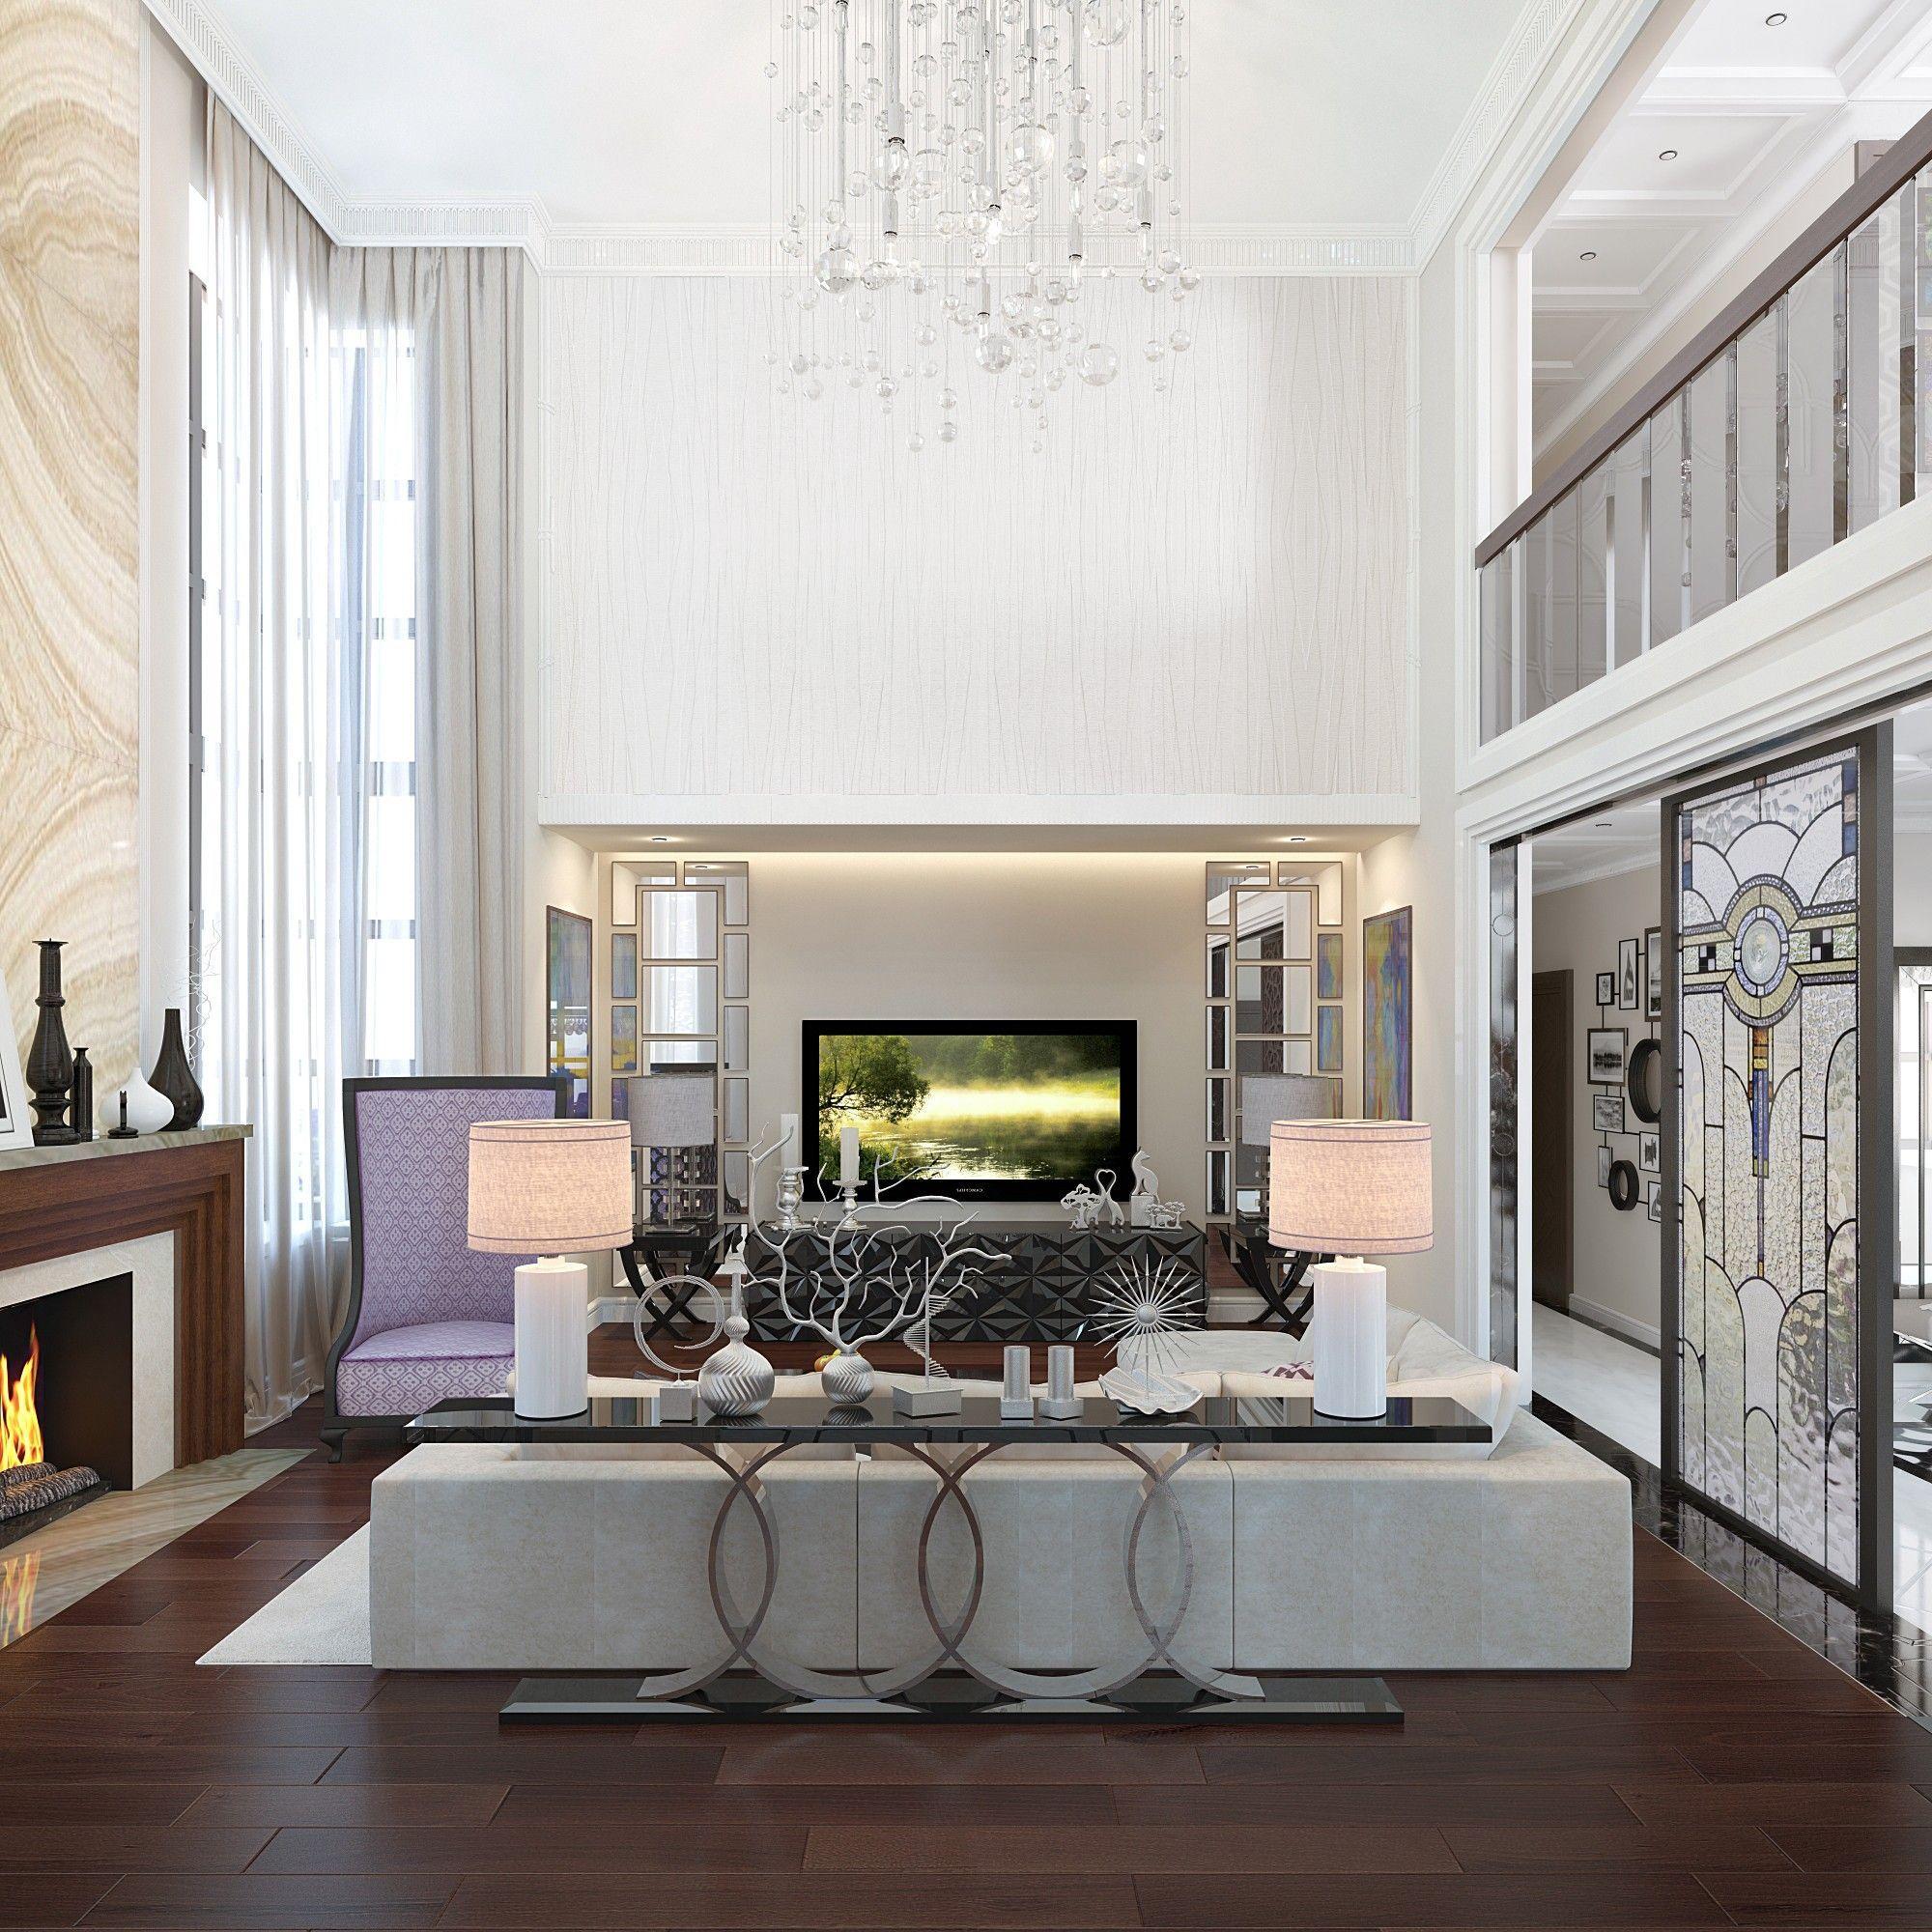 Гостиная. Дизайн интерьера дома.